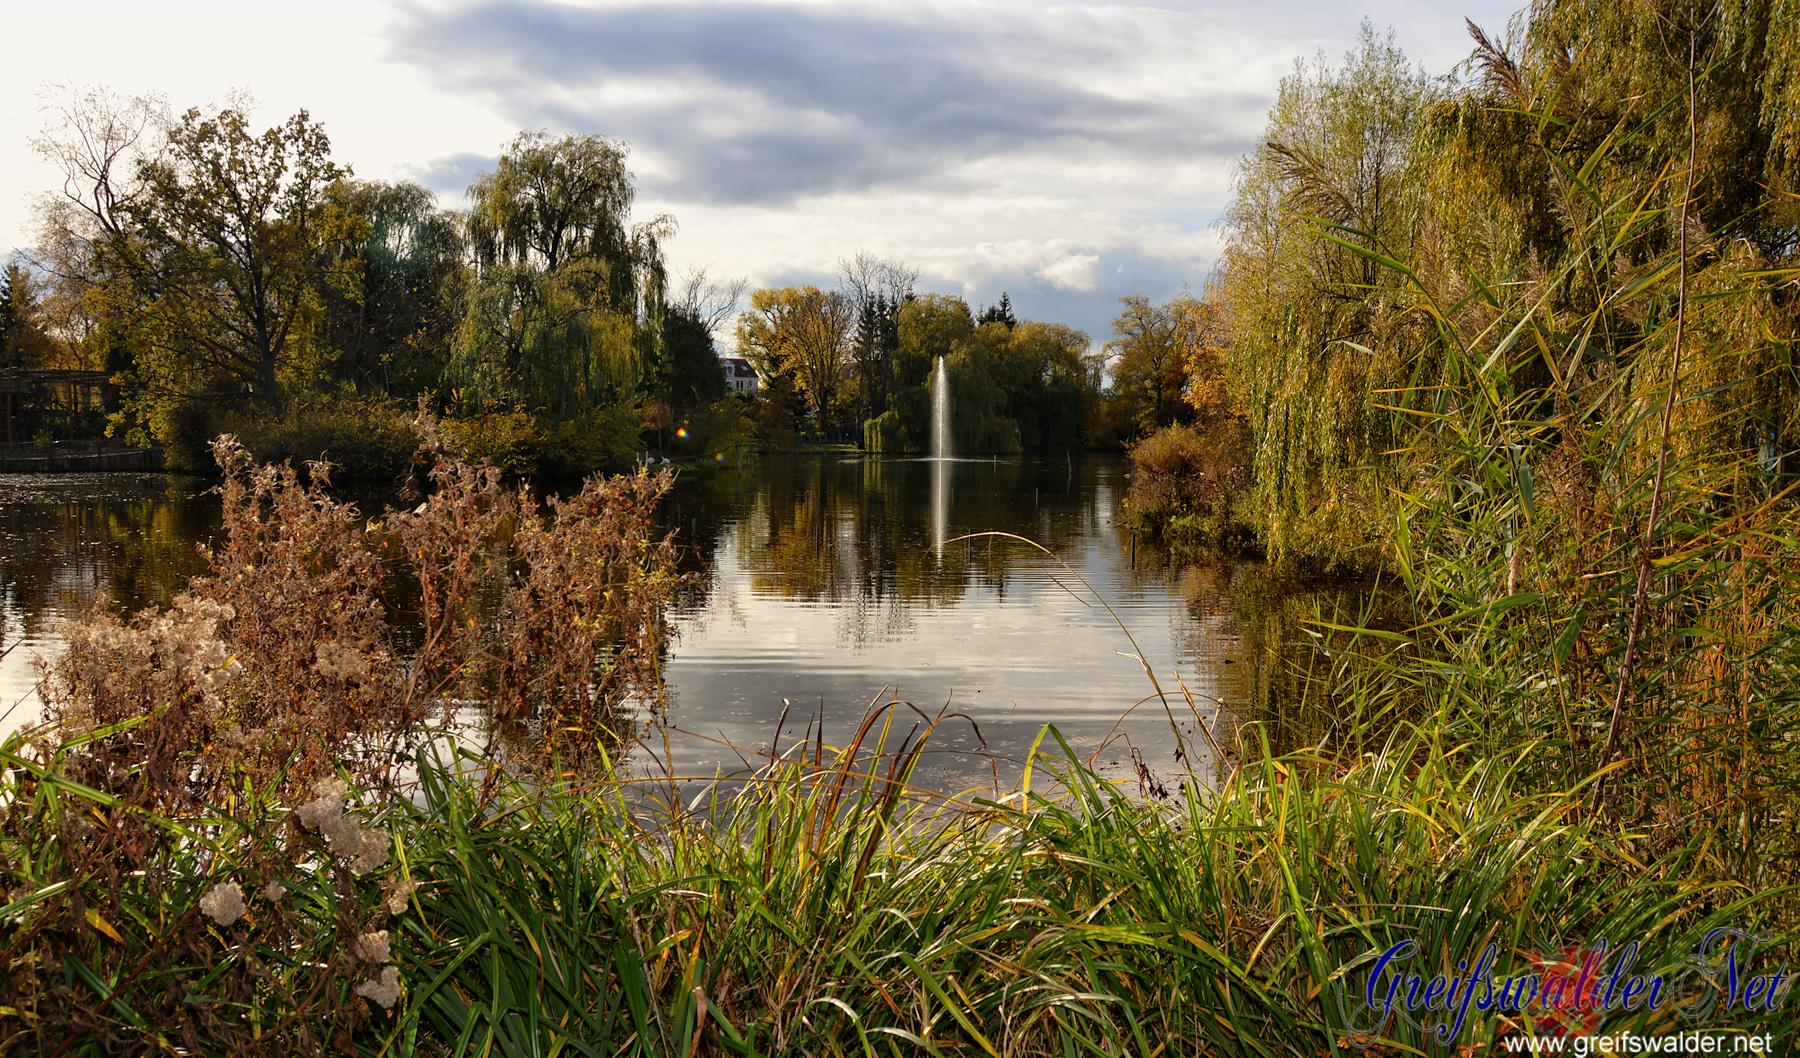 Herbststimmung im Tierpark Greifswald